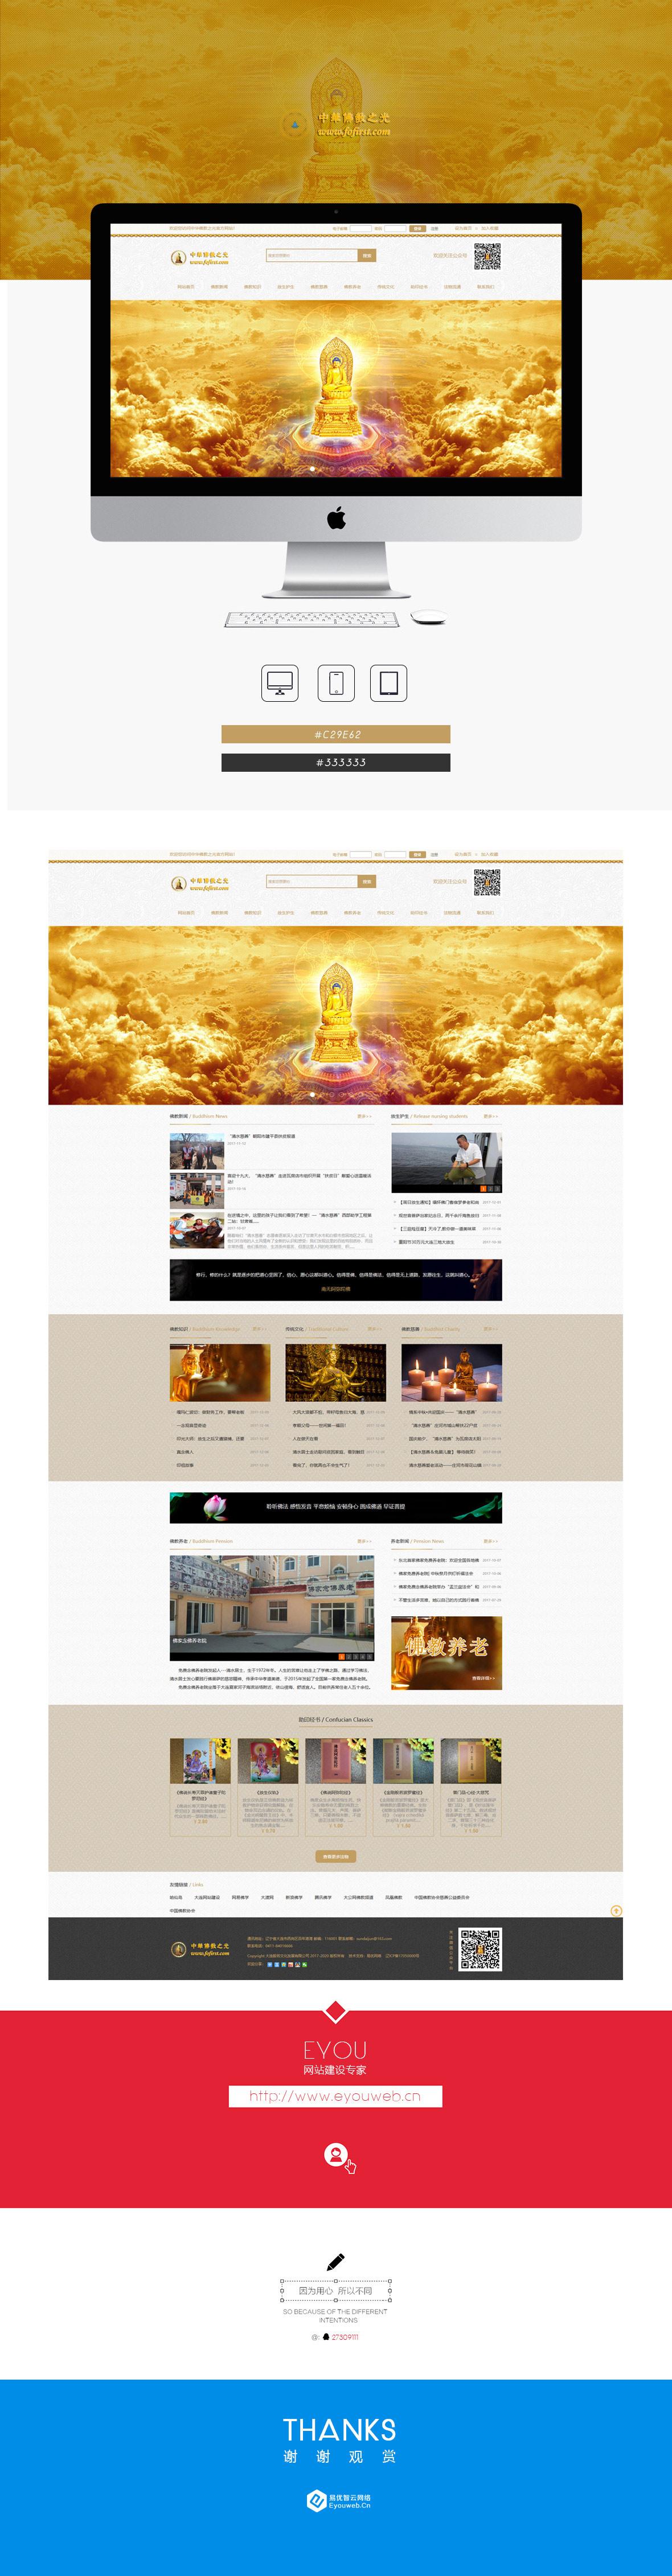 中华佛教之光网